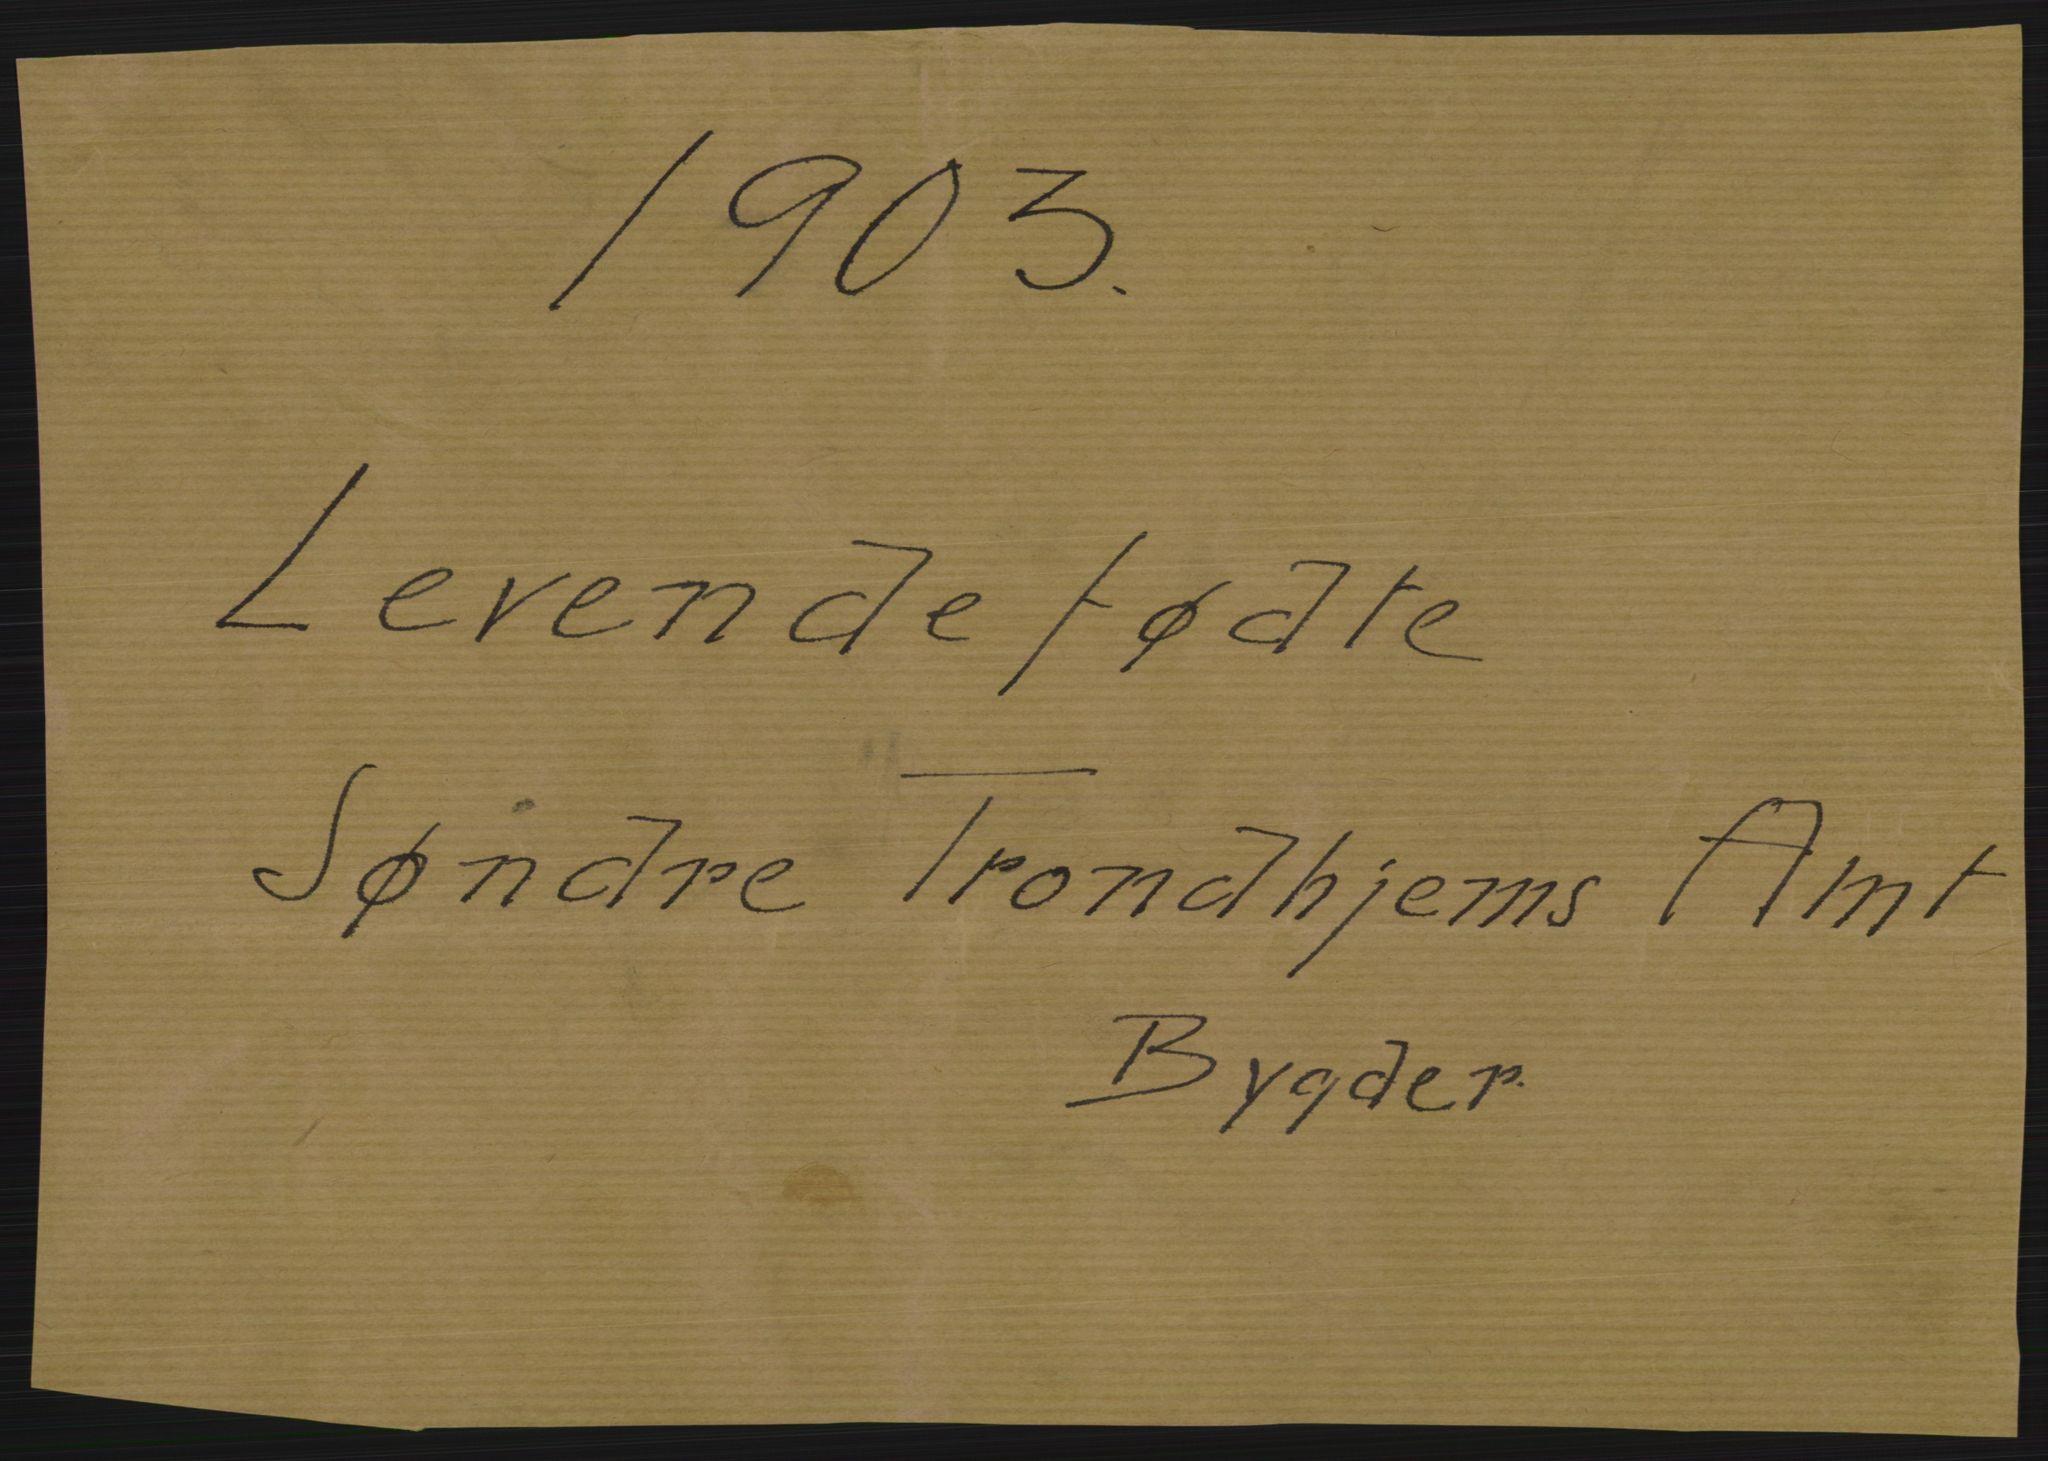 RA, Statistisk sentralbyrå, Sosiodemografiske emner, Befolkning, D/Df/Dfa/Dfaa/L0017: Søndre Trondhjems amt: Fødte, gifte, døde., 1903